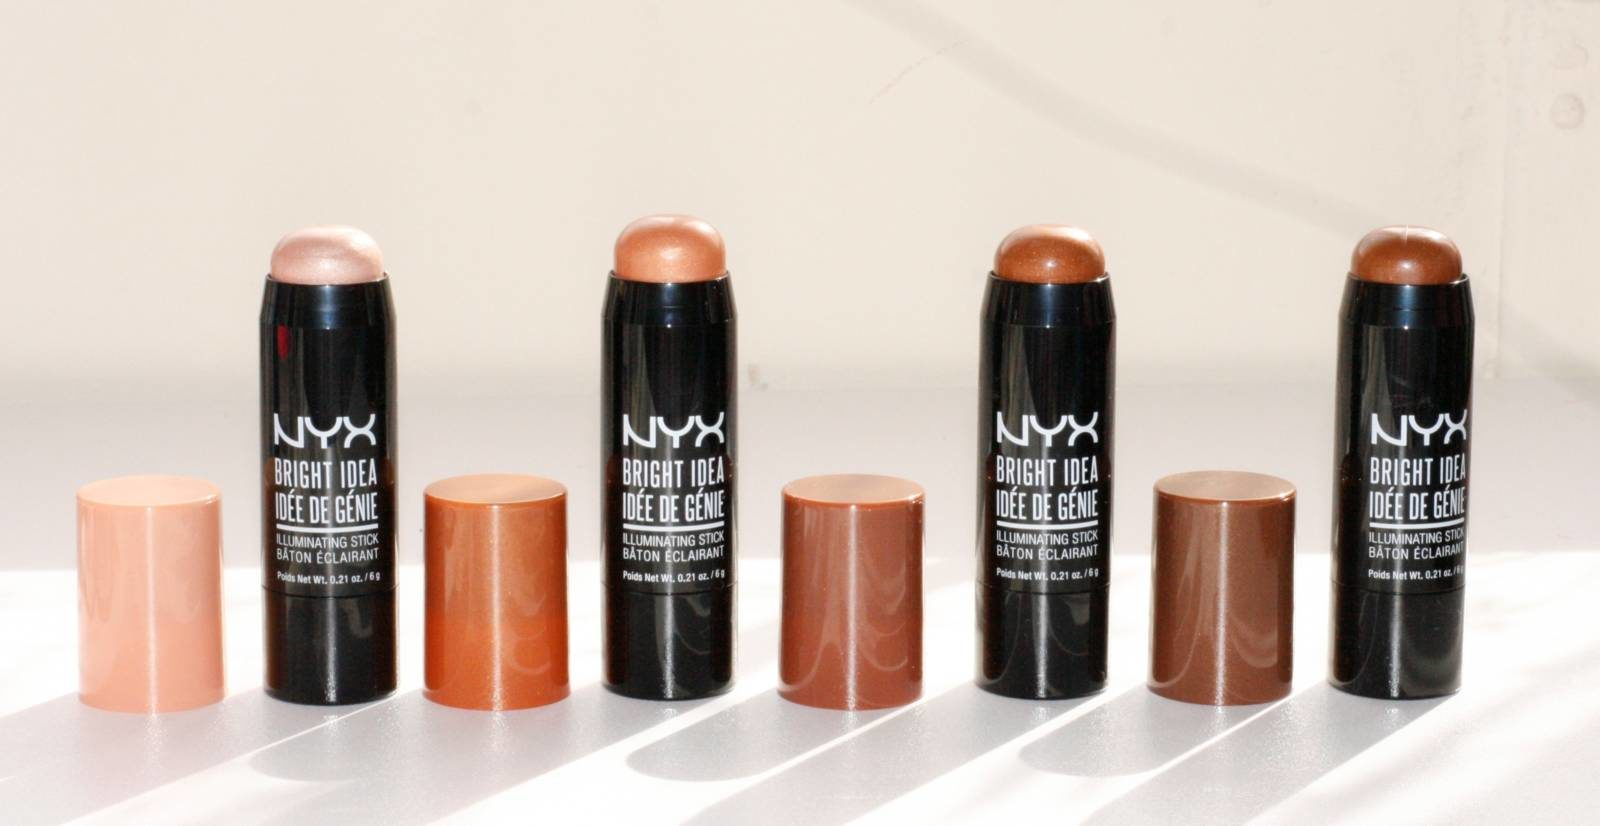 NYX Bright Idea Illuminating Sticks Review